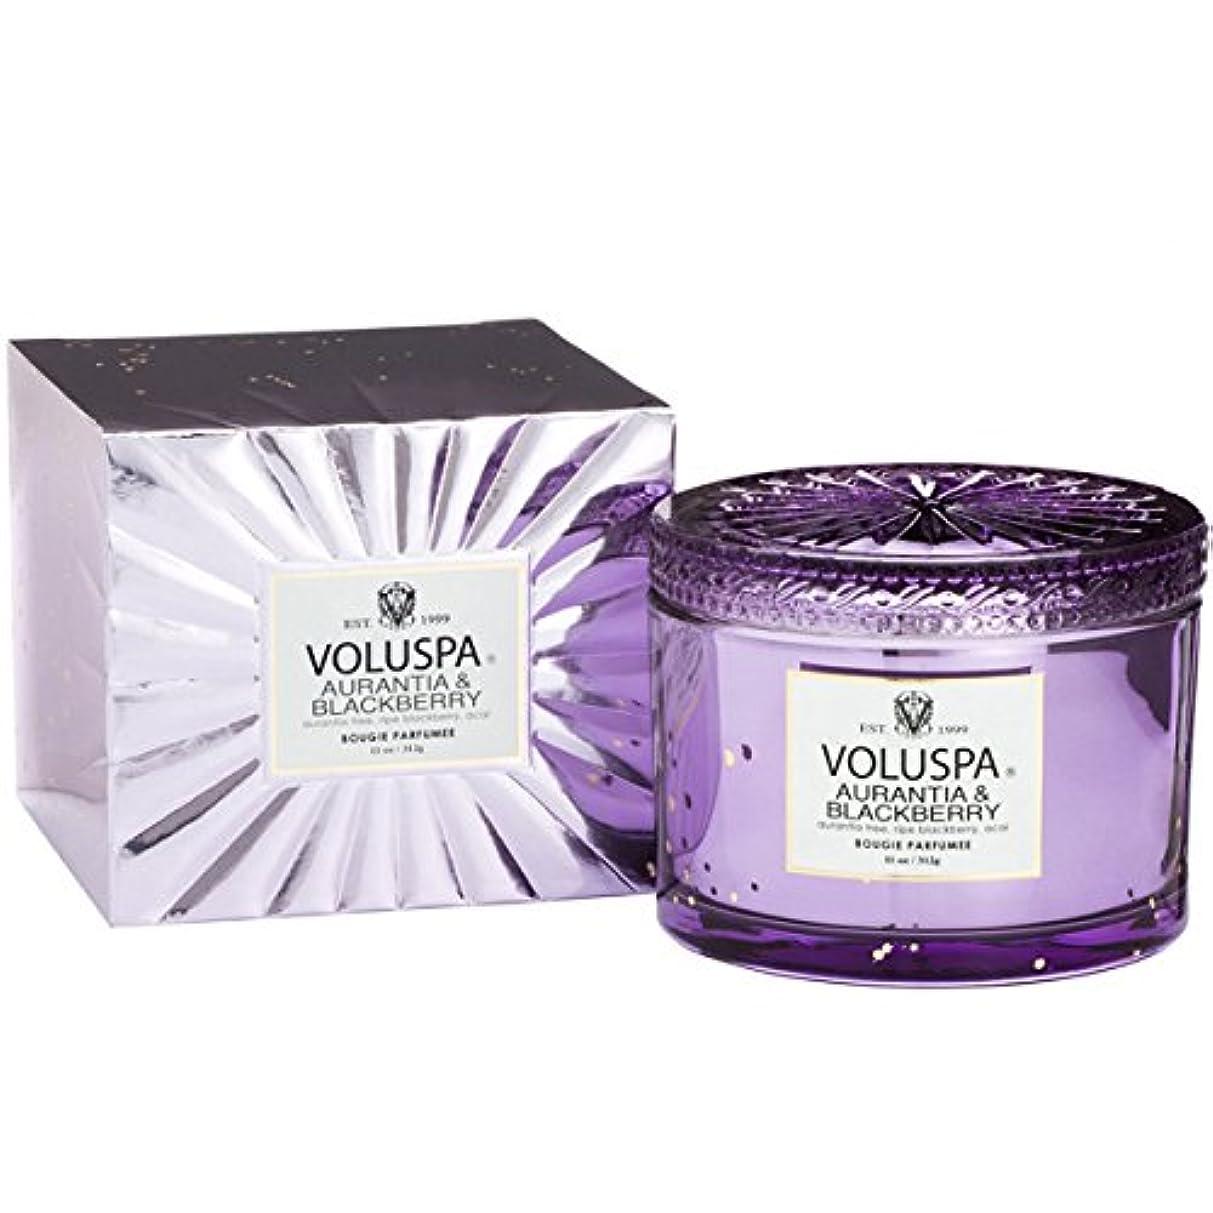 液化する特異な教室Voluspa ボルスパ ヴァーメイル ボックス入り グラスキャンドル オーランティア&フ?ラックヘ?リー AURANTIA&BLACKBERRY VERMEIL BOX Glass Candle